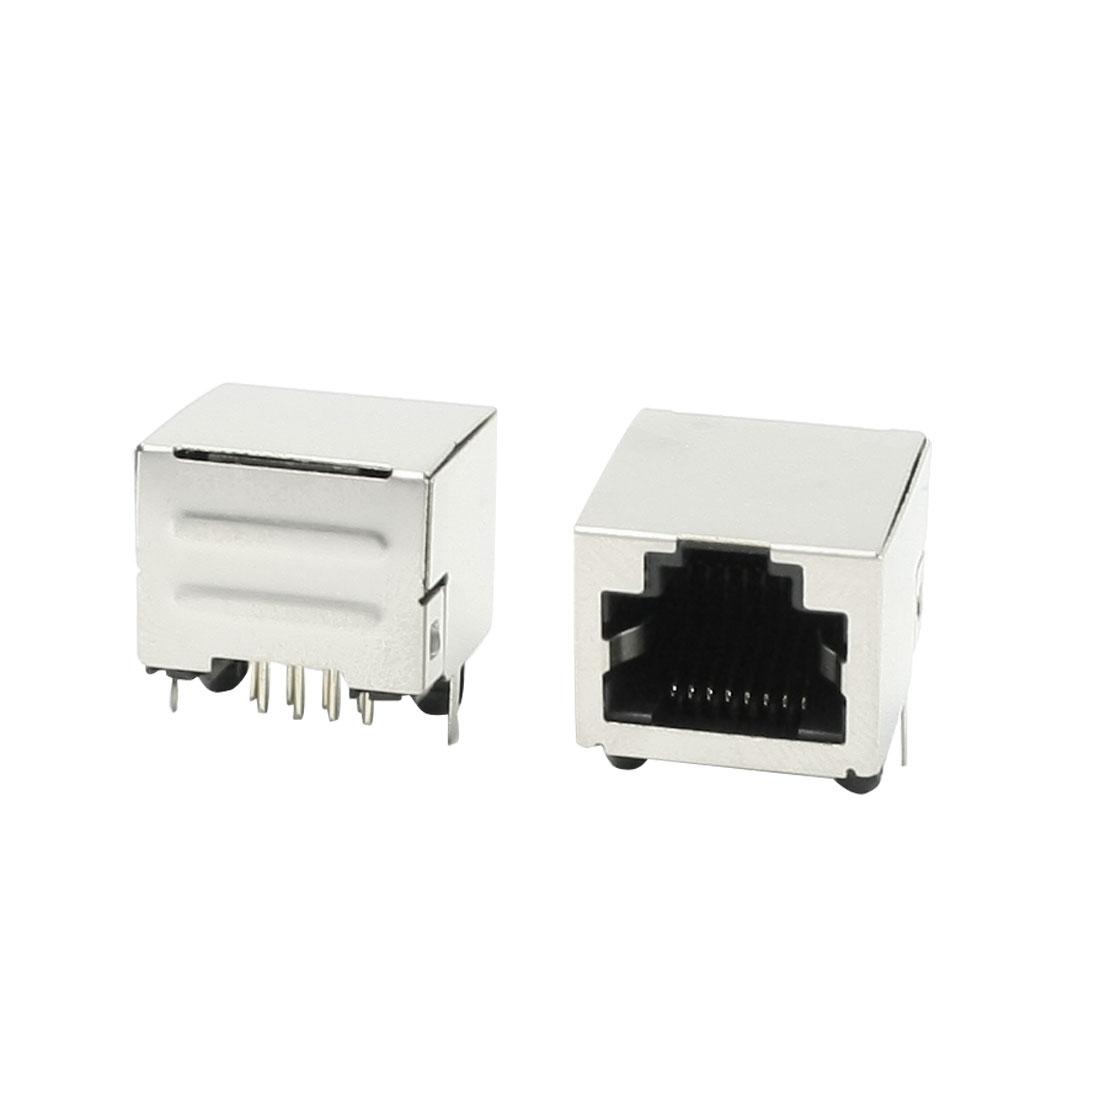 2Pcs RJ45 8P8C PCB Jacks Connectors DIY Replacements 15mm Length